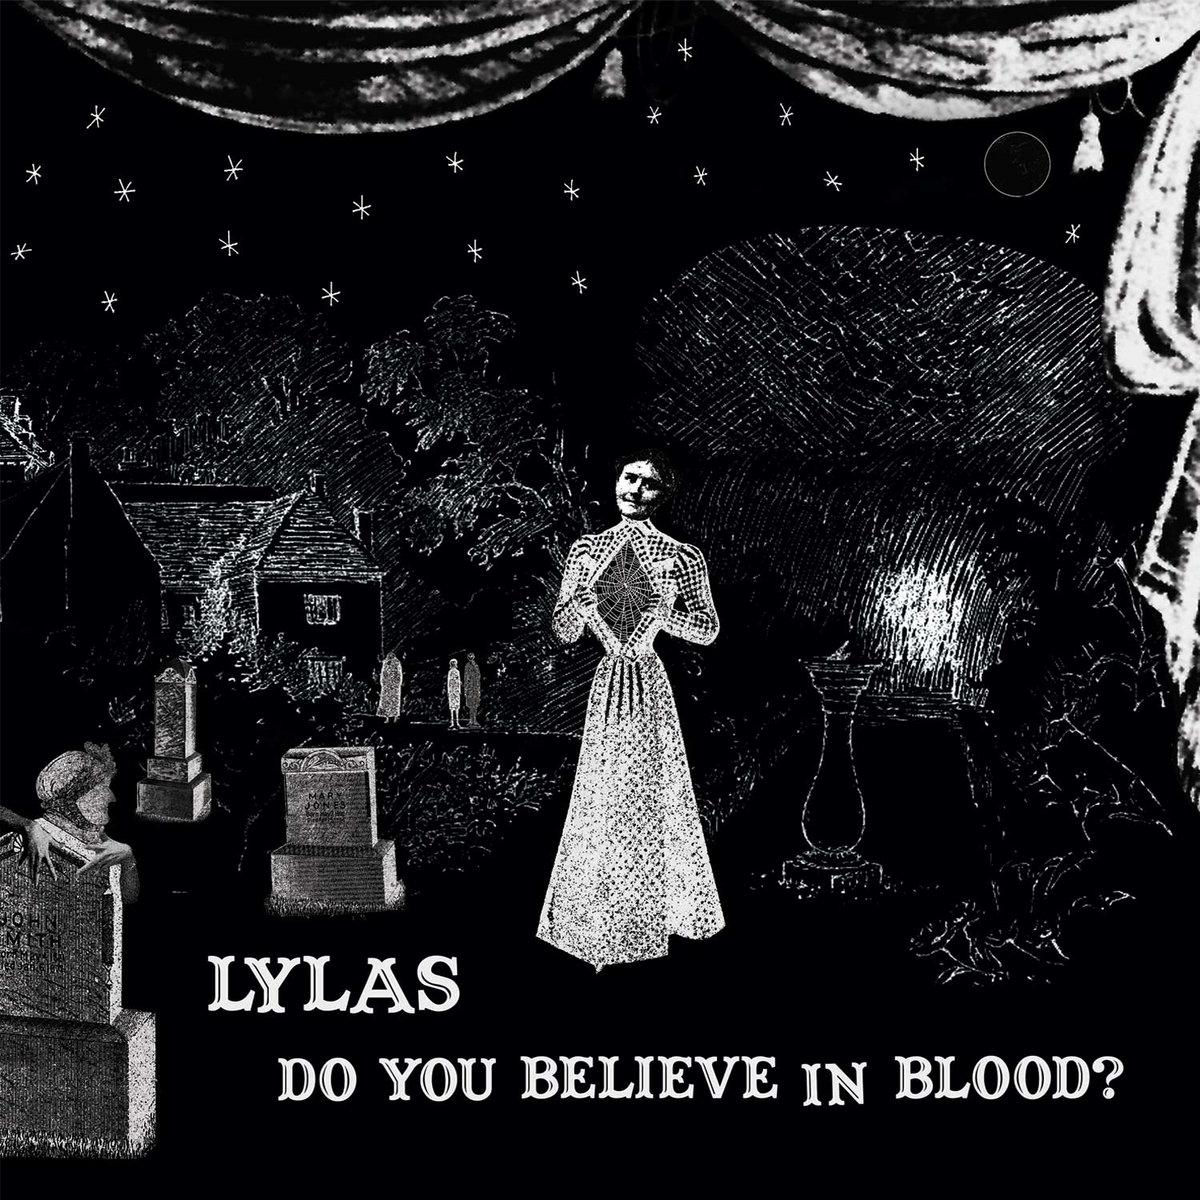 Lylas - Do You Believe in Blood